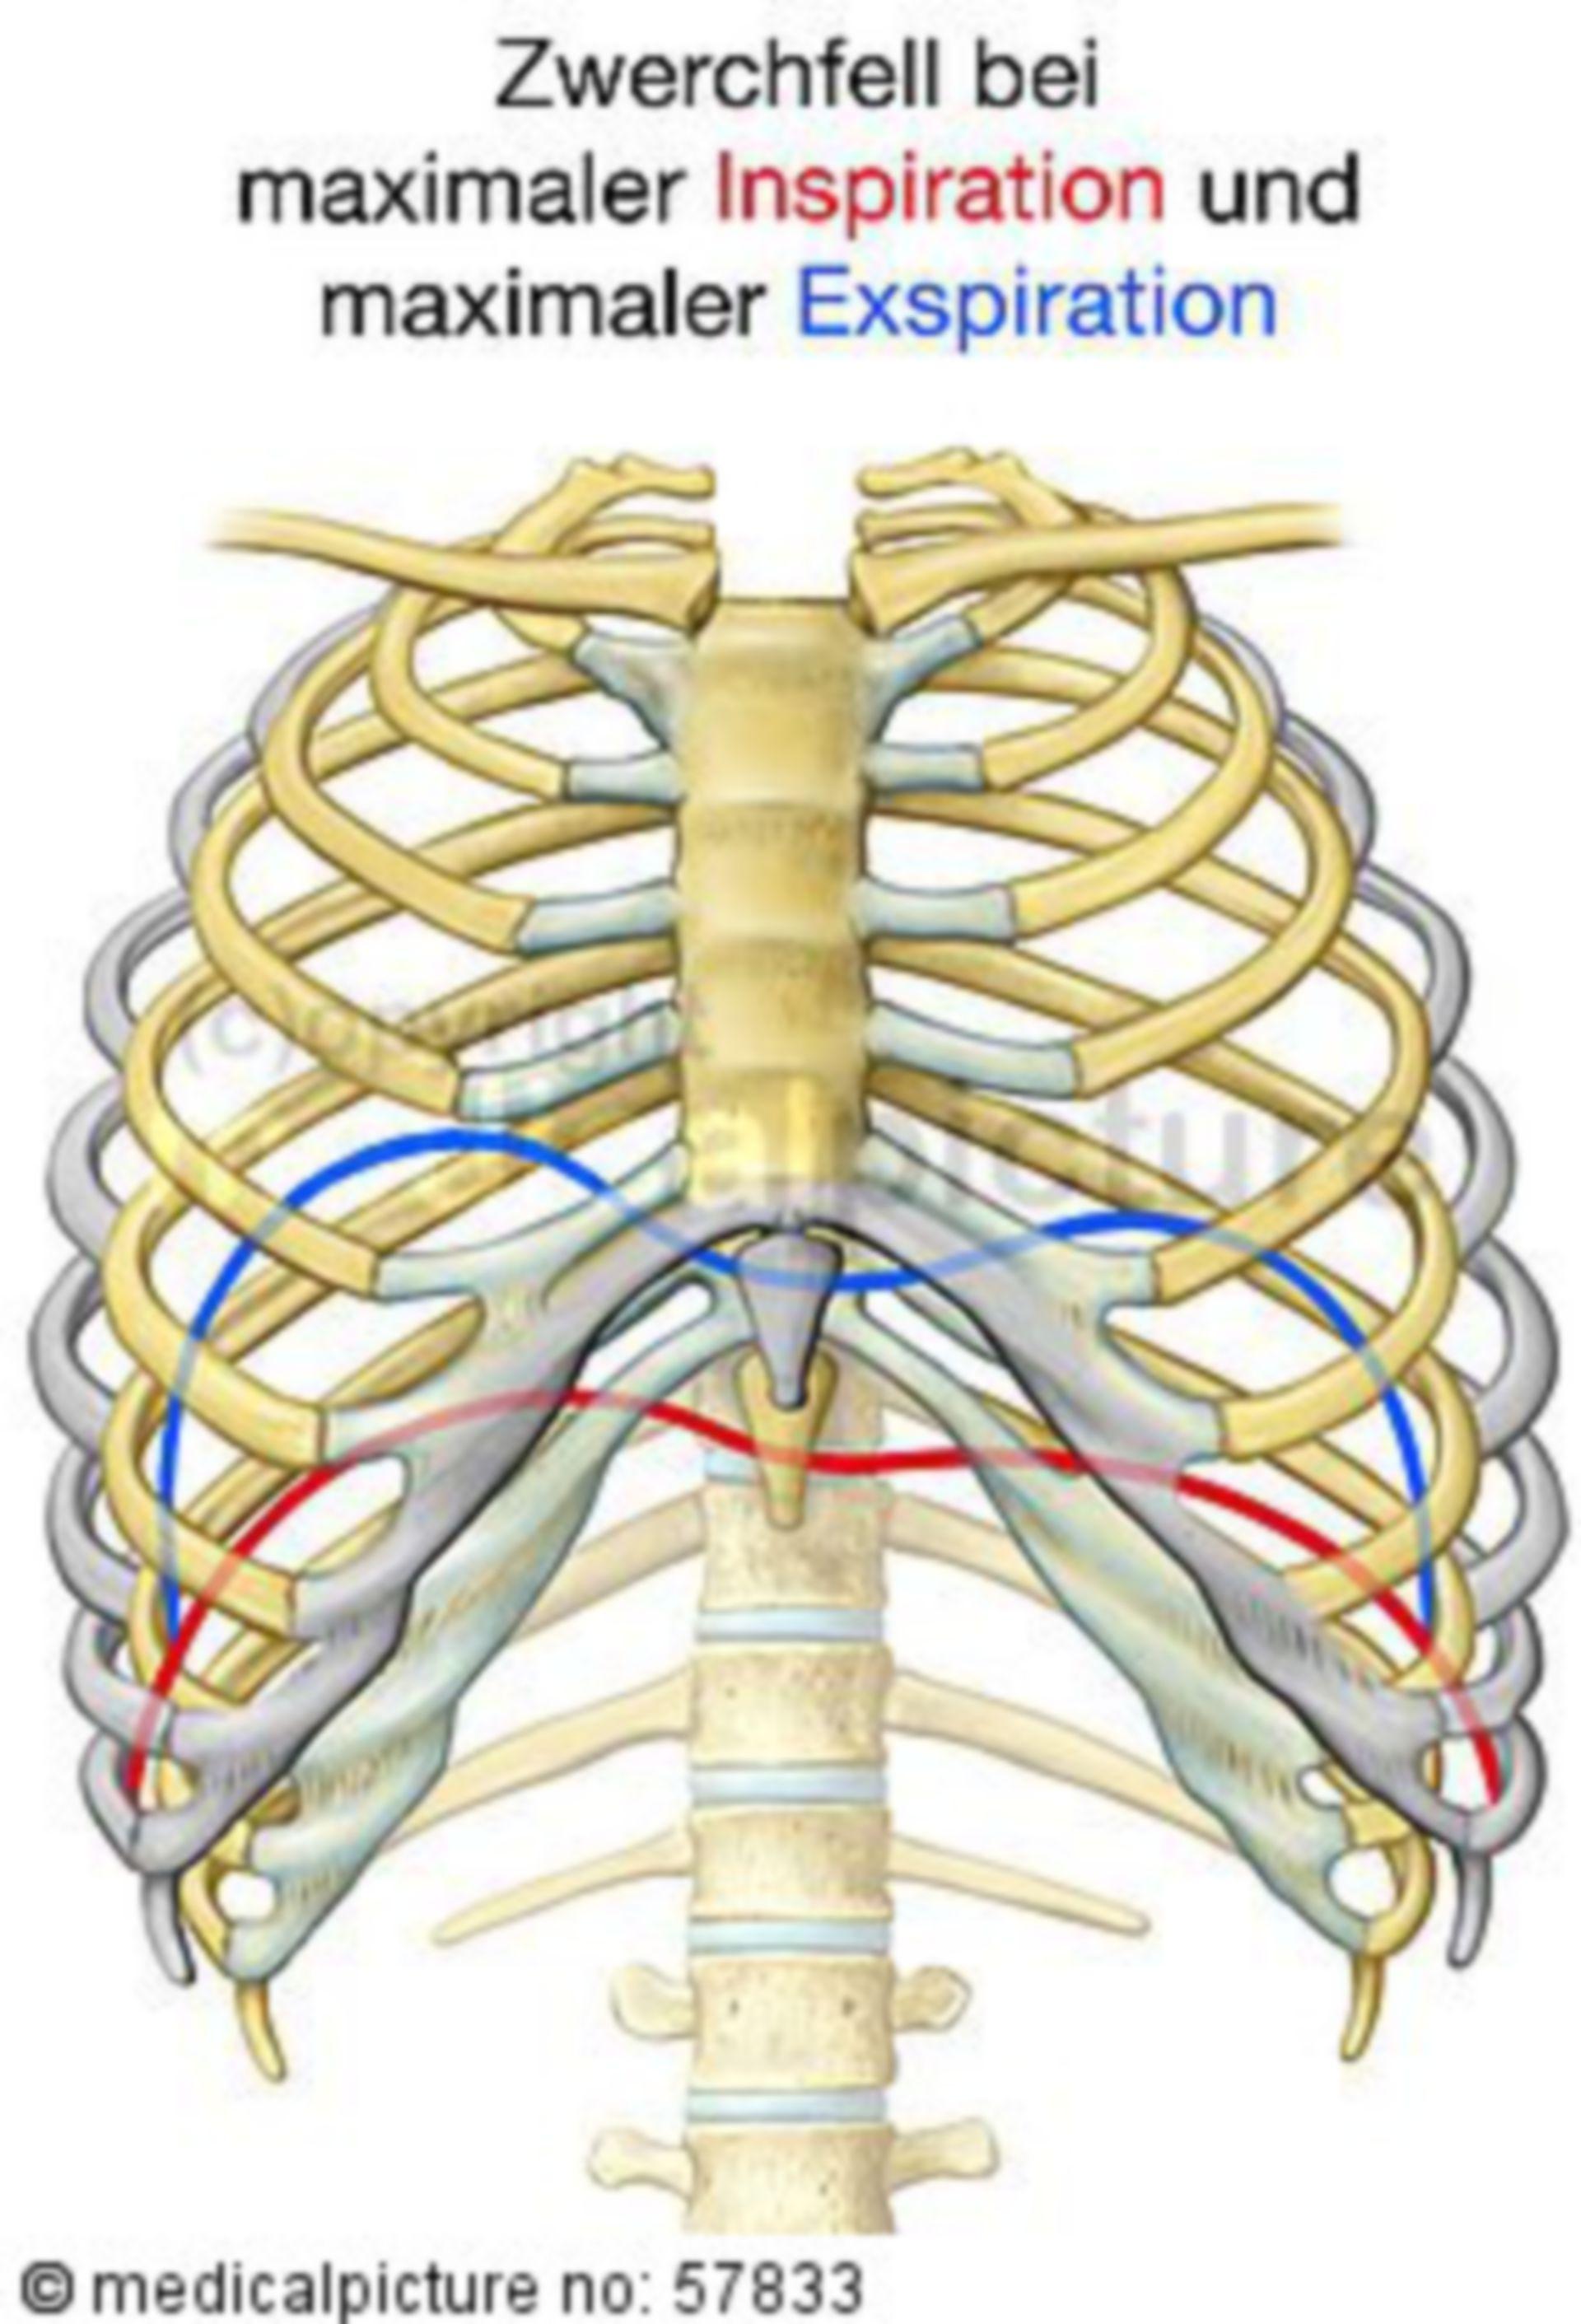 Anatomische Illustrationen - Atmung (Bewegung des Zwerchfells)